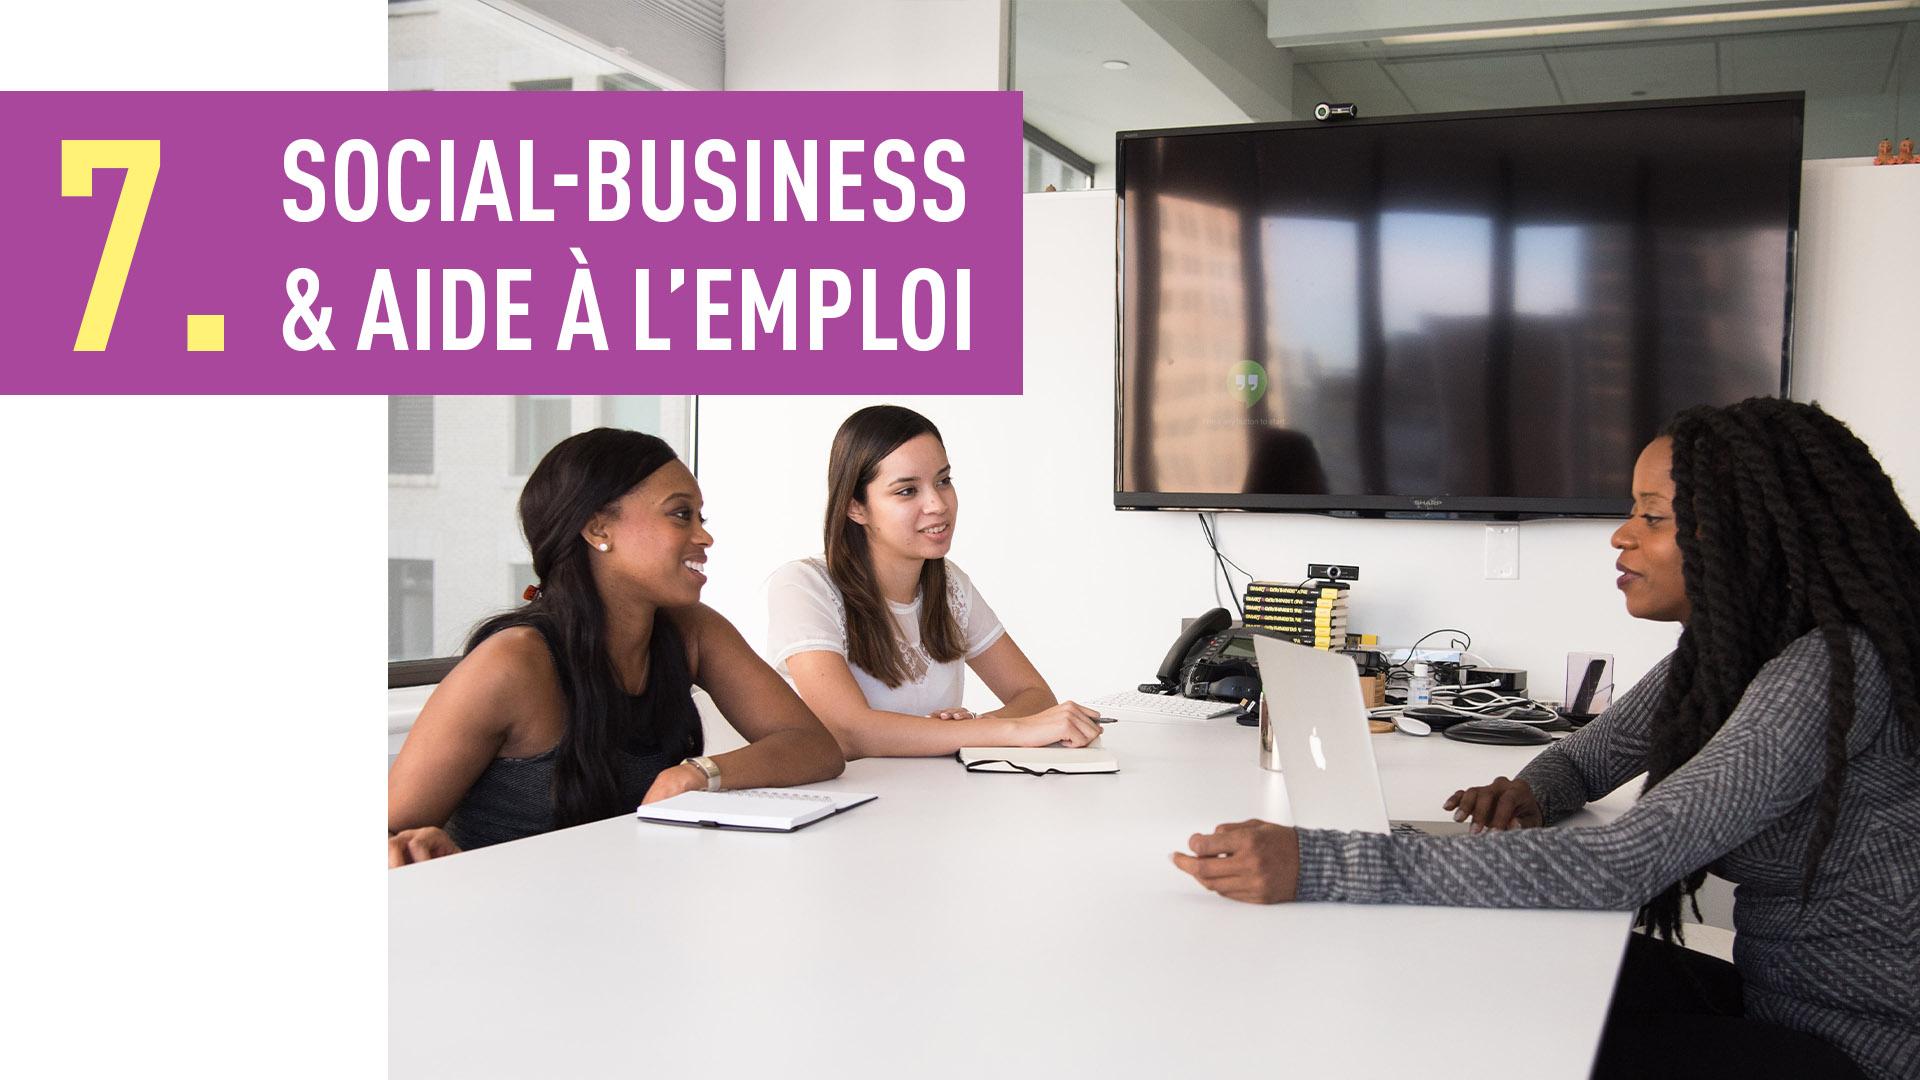 SOCIAL-BUSINESS & AIDE À L'EMPLOI